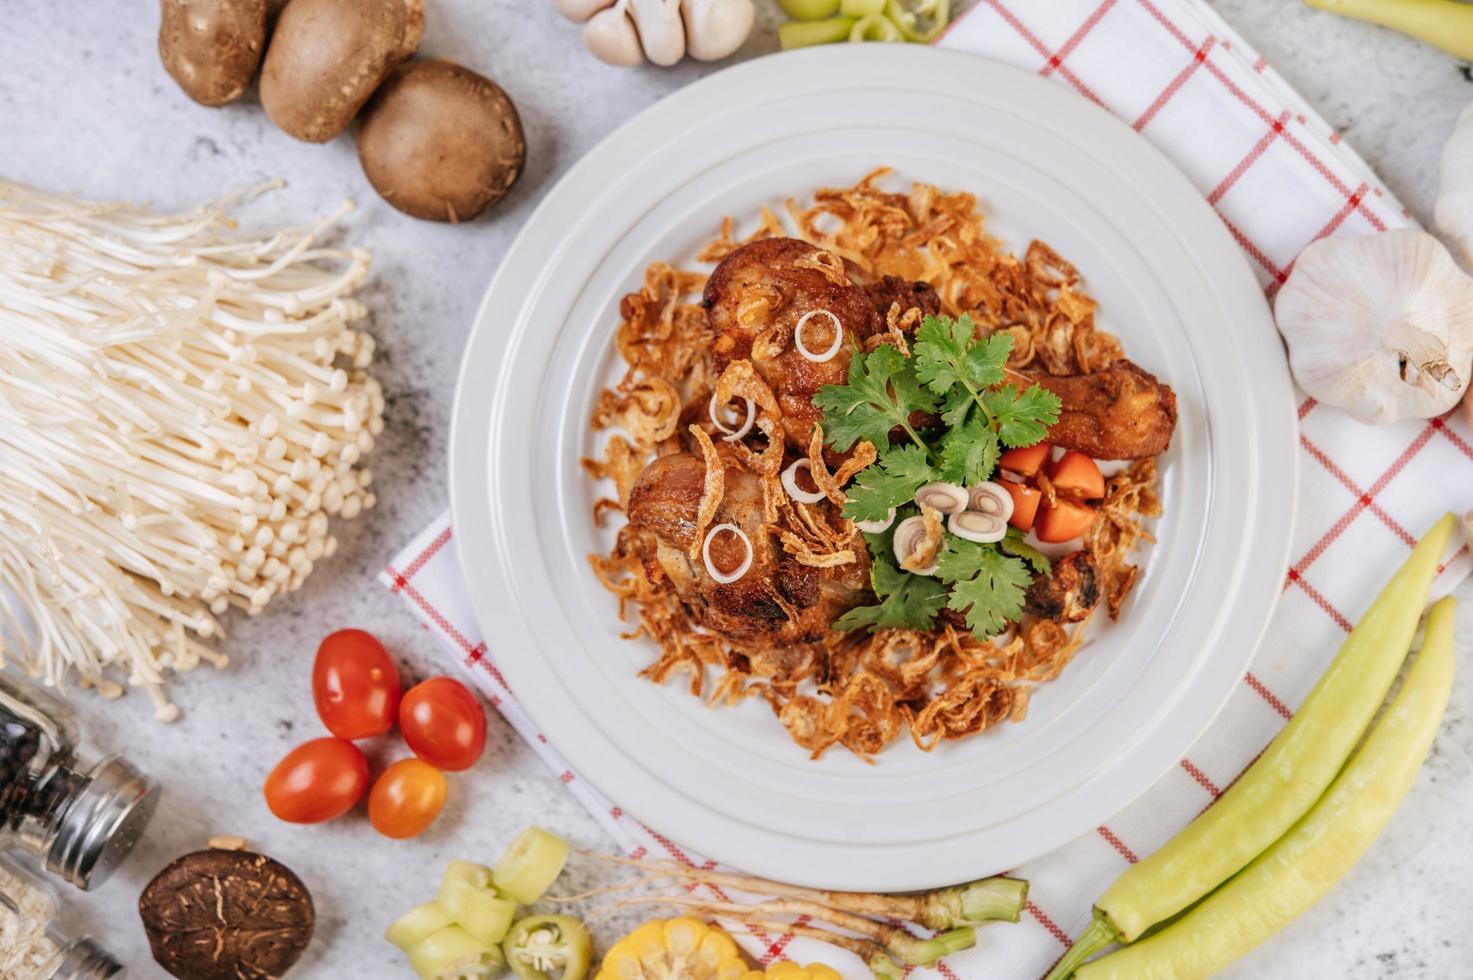 cuisses de poulet frites avec tomate, chili, oignon frit, laitue, maïs et champignon photo